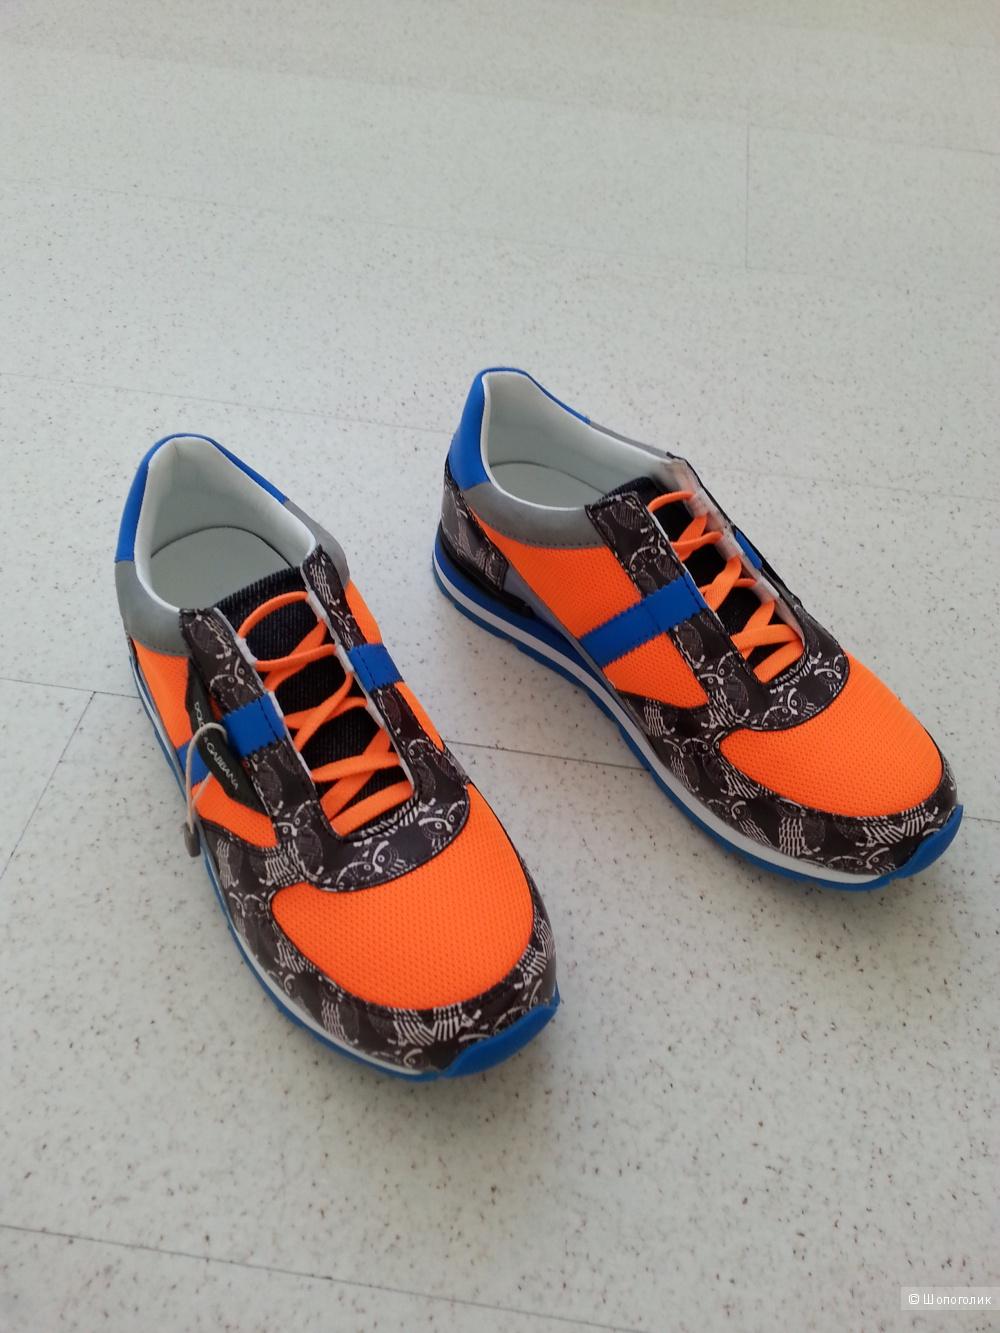 Кроссовки DOLCE & GABBANA, размер 35 (Европейский)